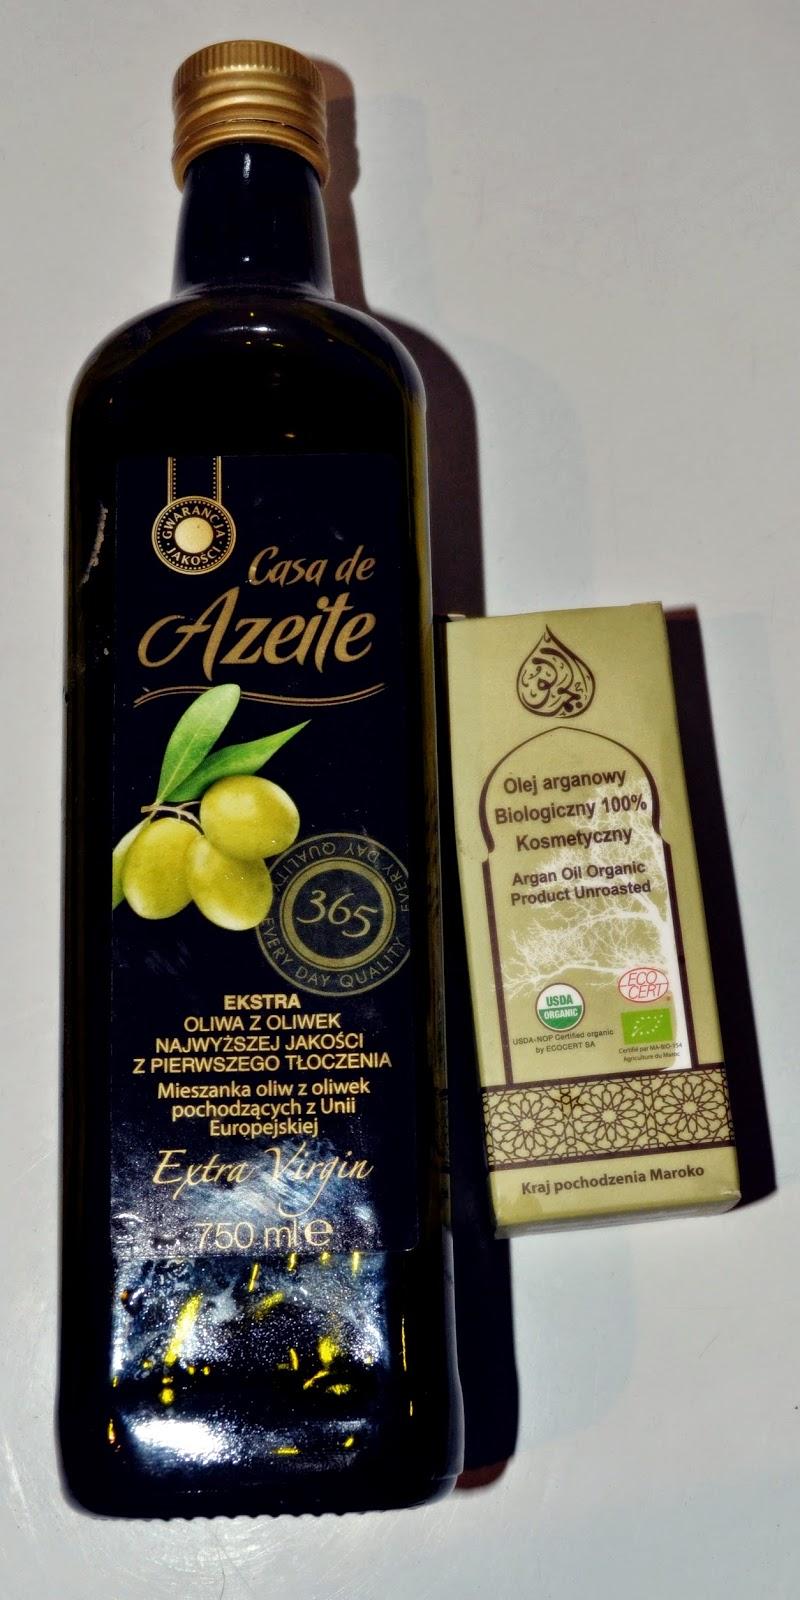 olej arganowy oryginalny